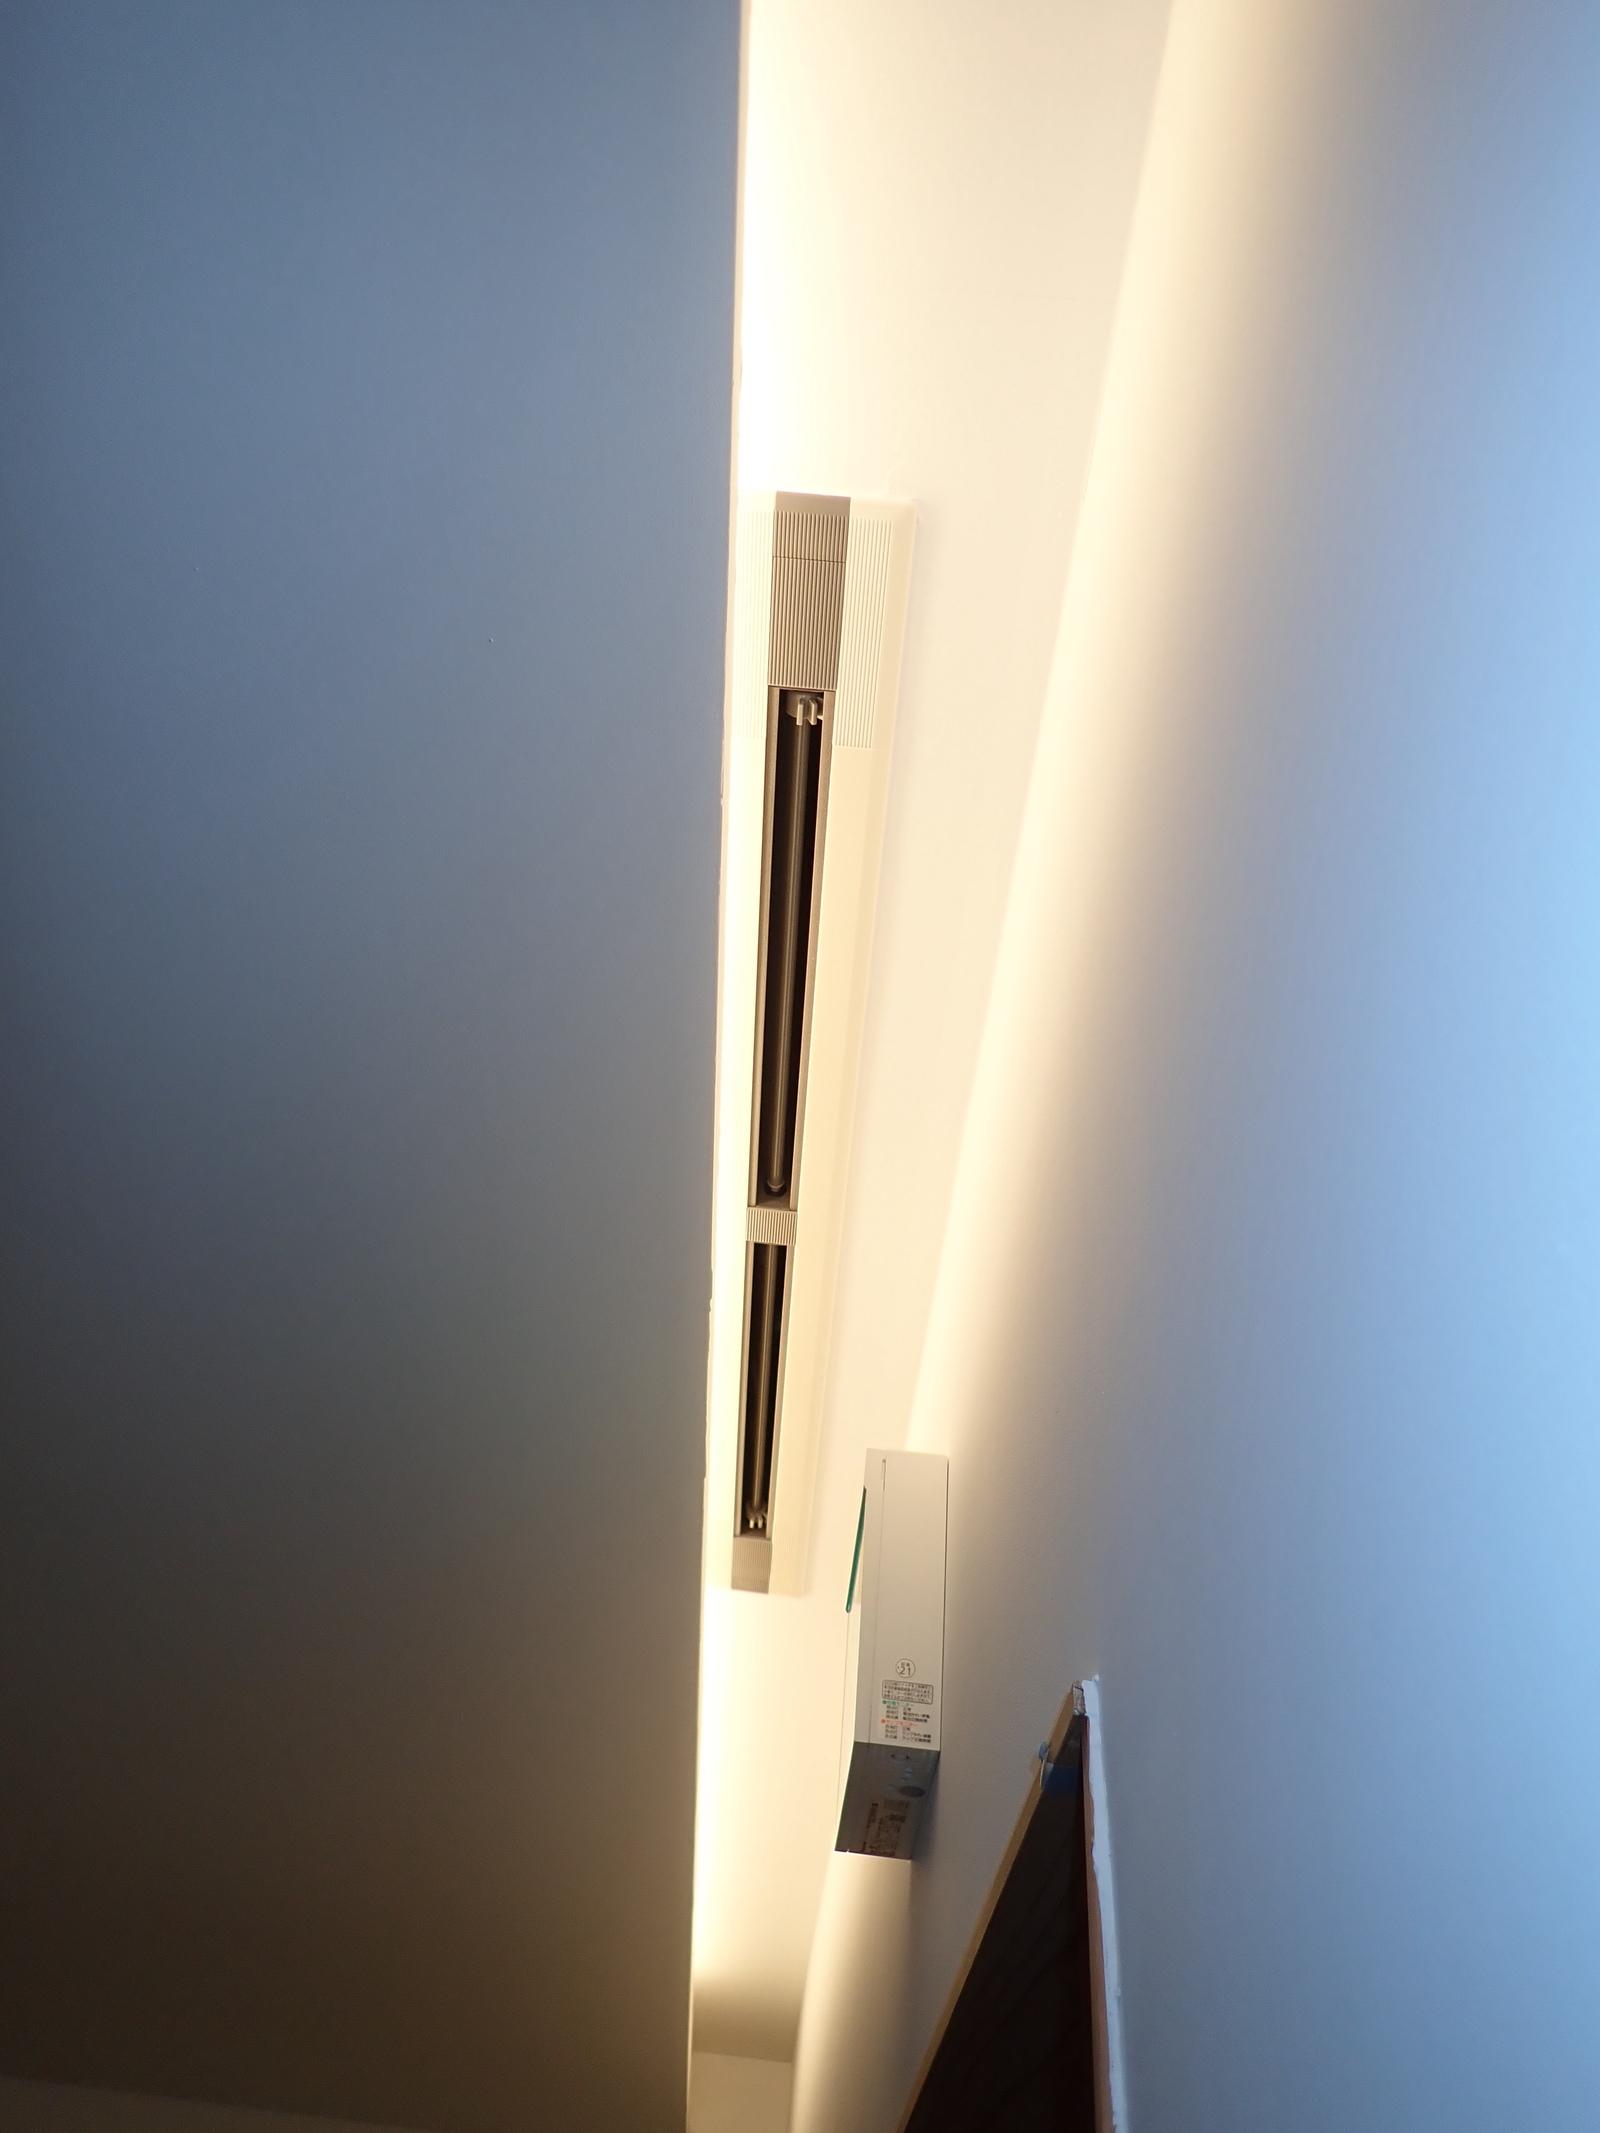 換気扇・空調機器の写真3